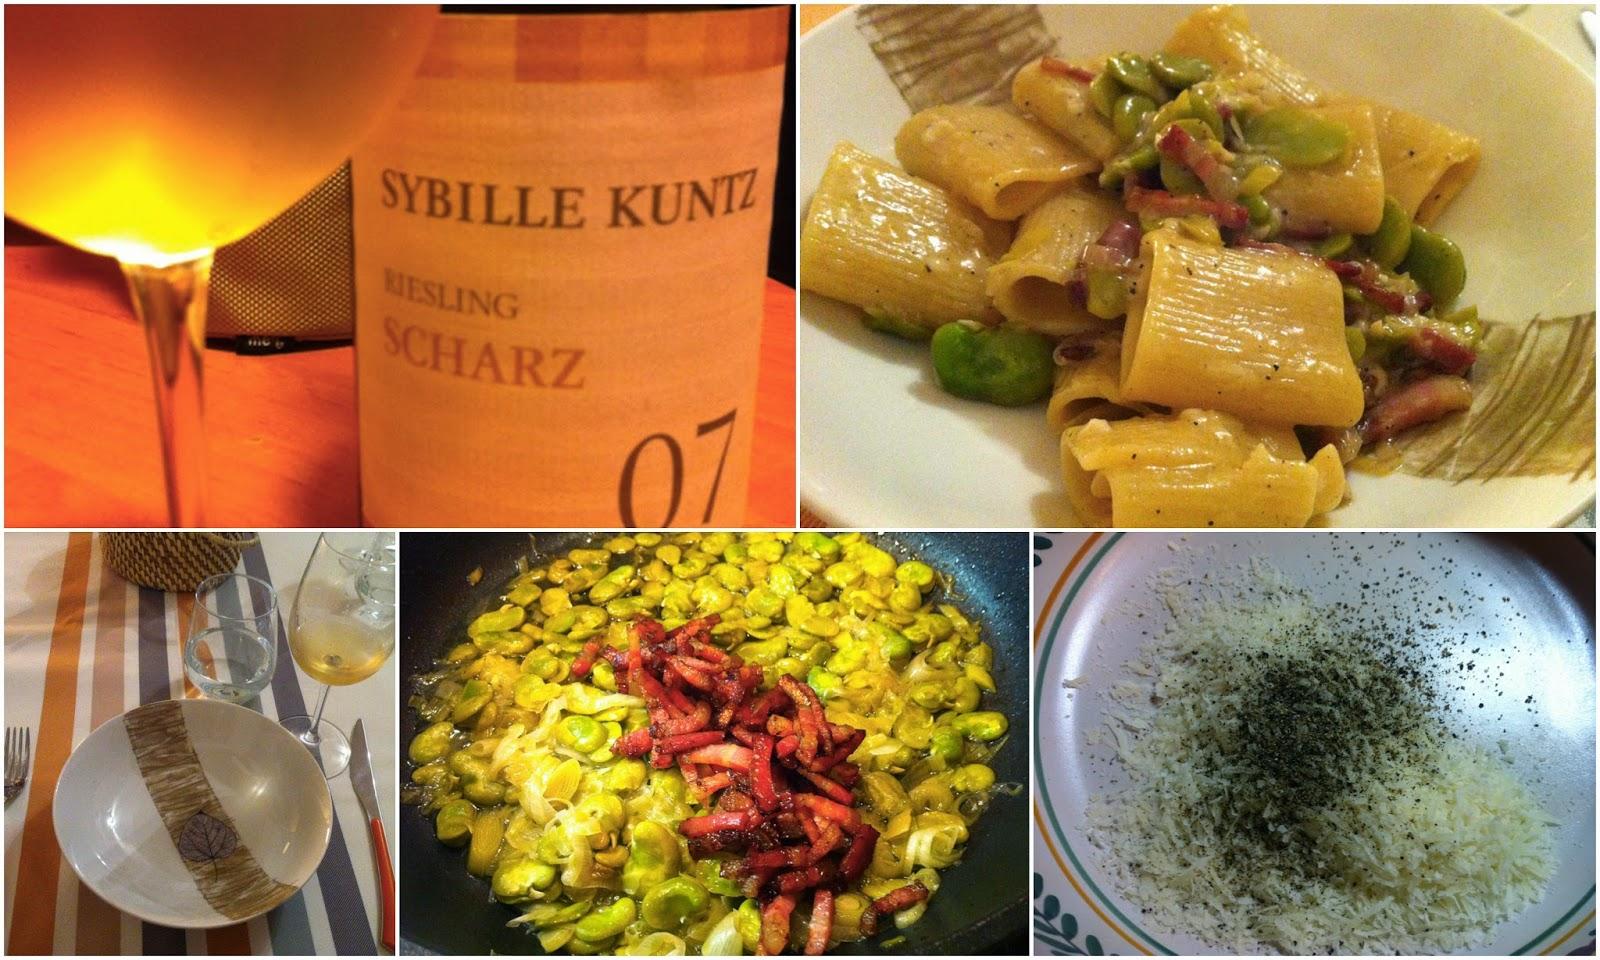 рецепт паста грича с беконом, бобами и немецкое вино ризлинг